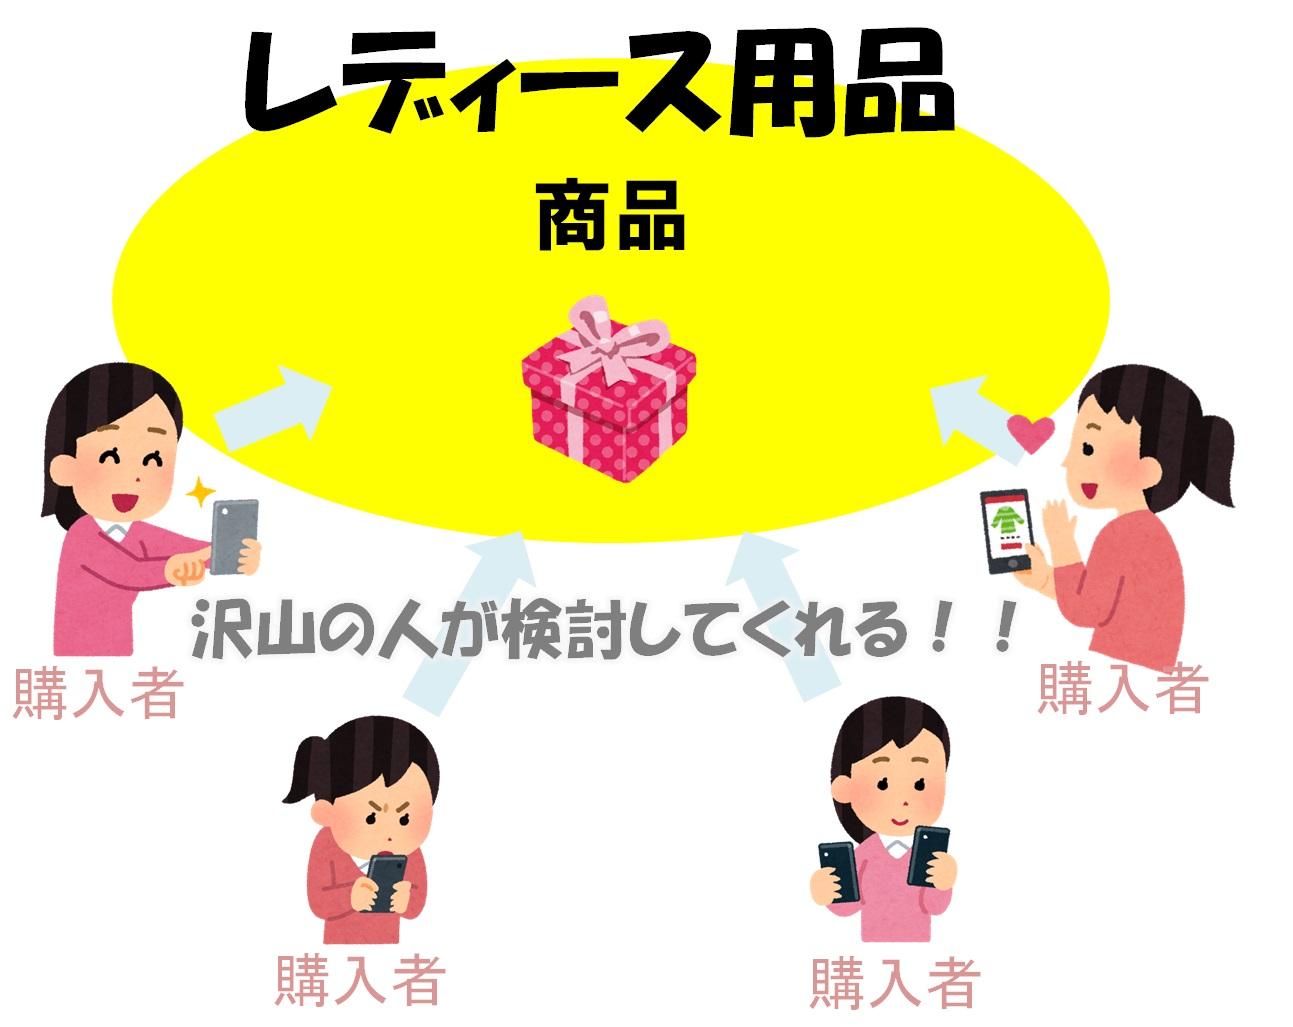 『メルカリで売れるもの』売れ筋はカテゴリの穴場にある!!